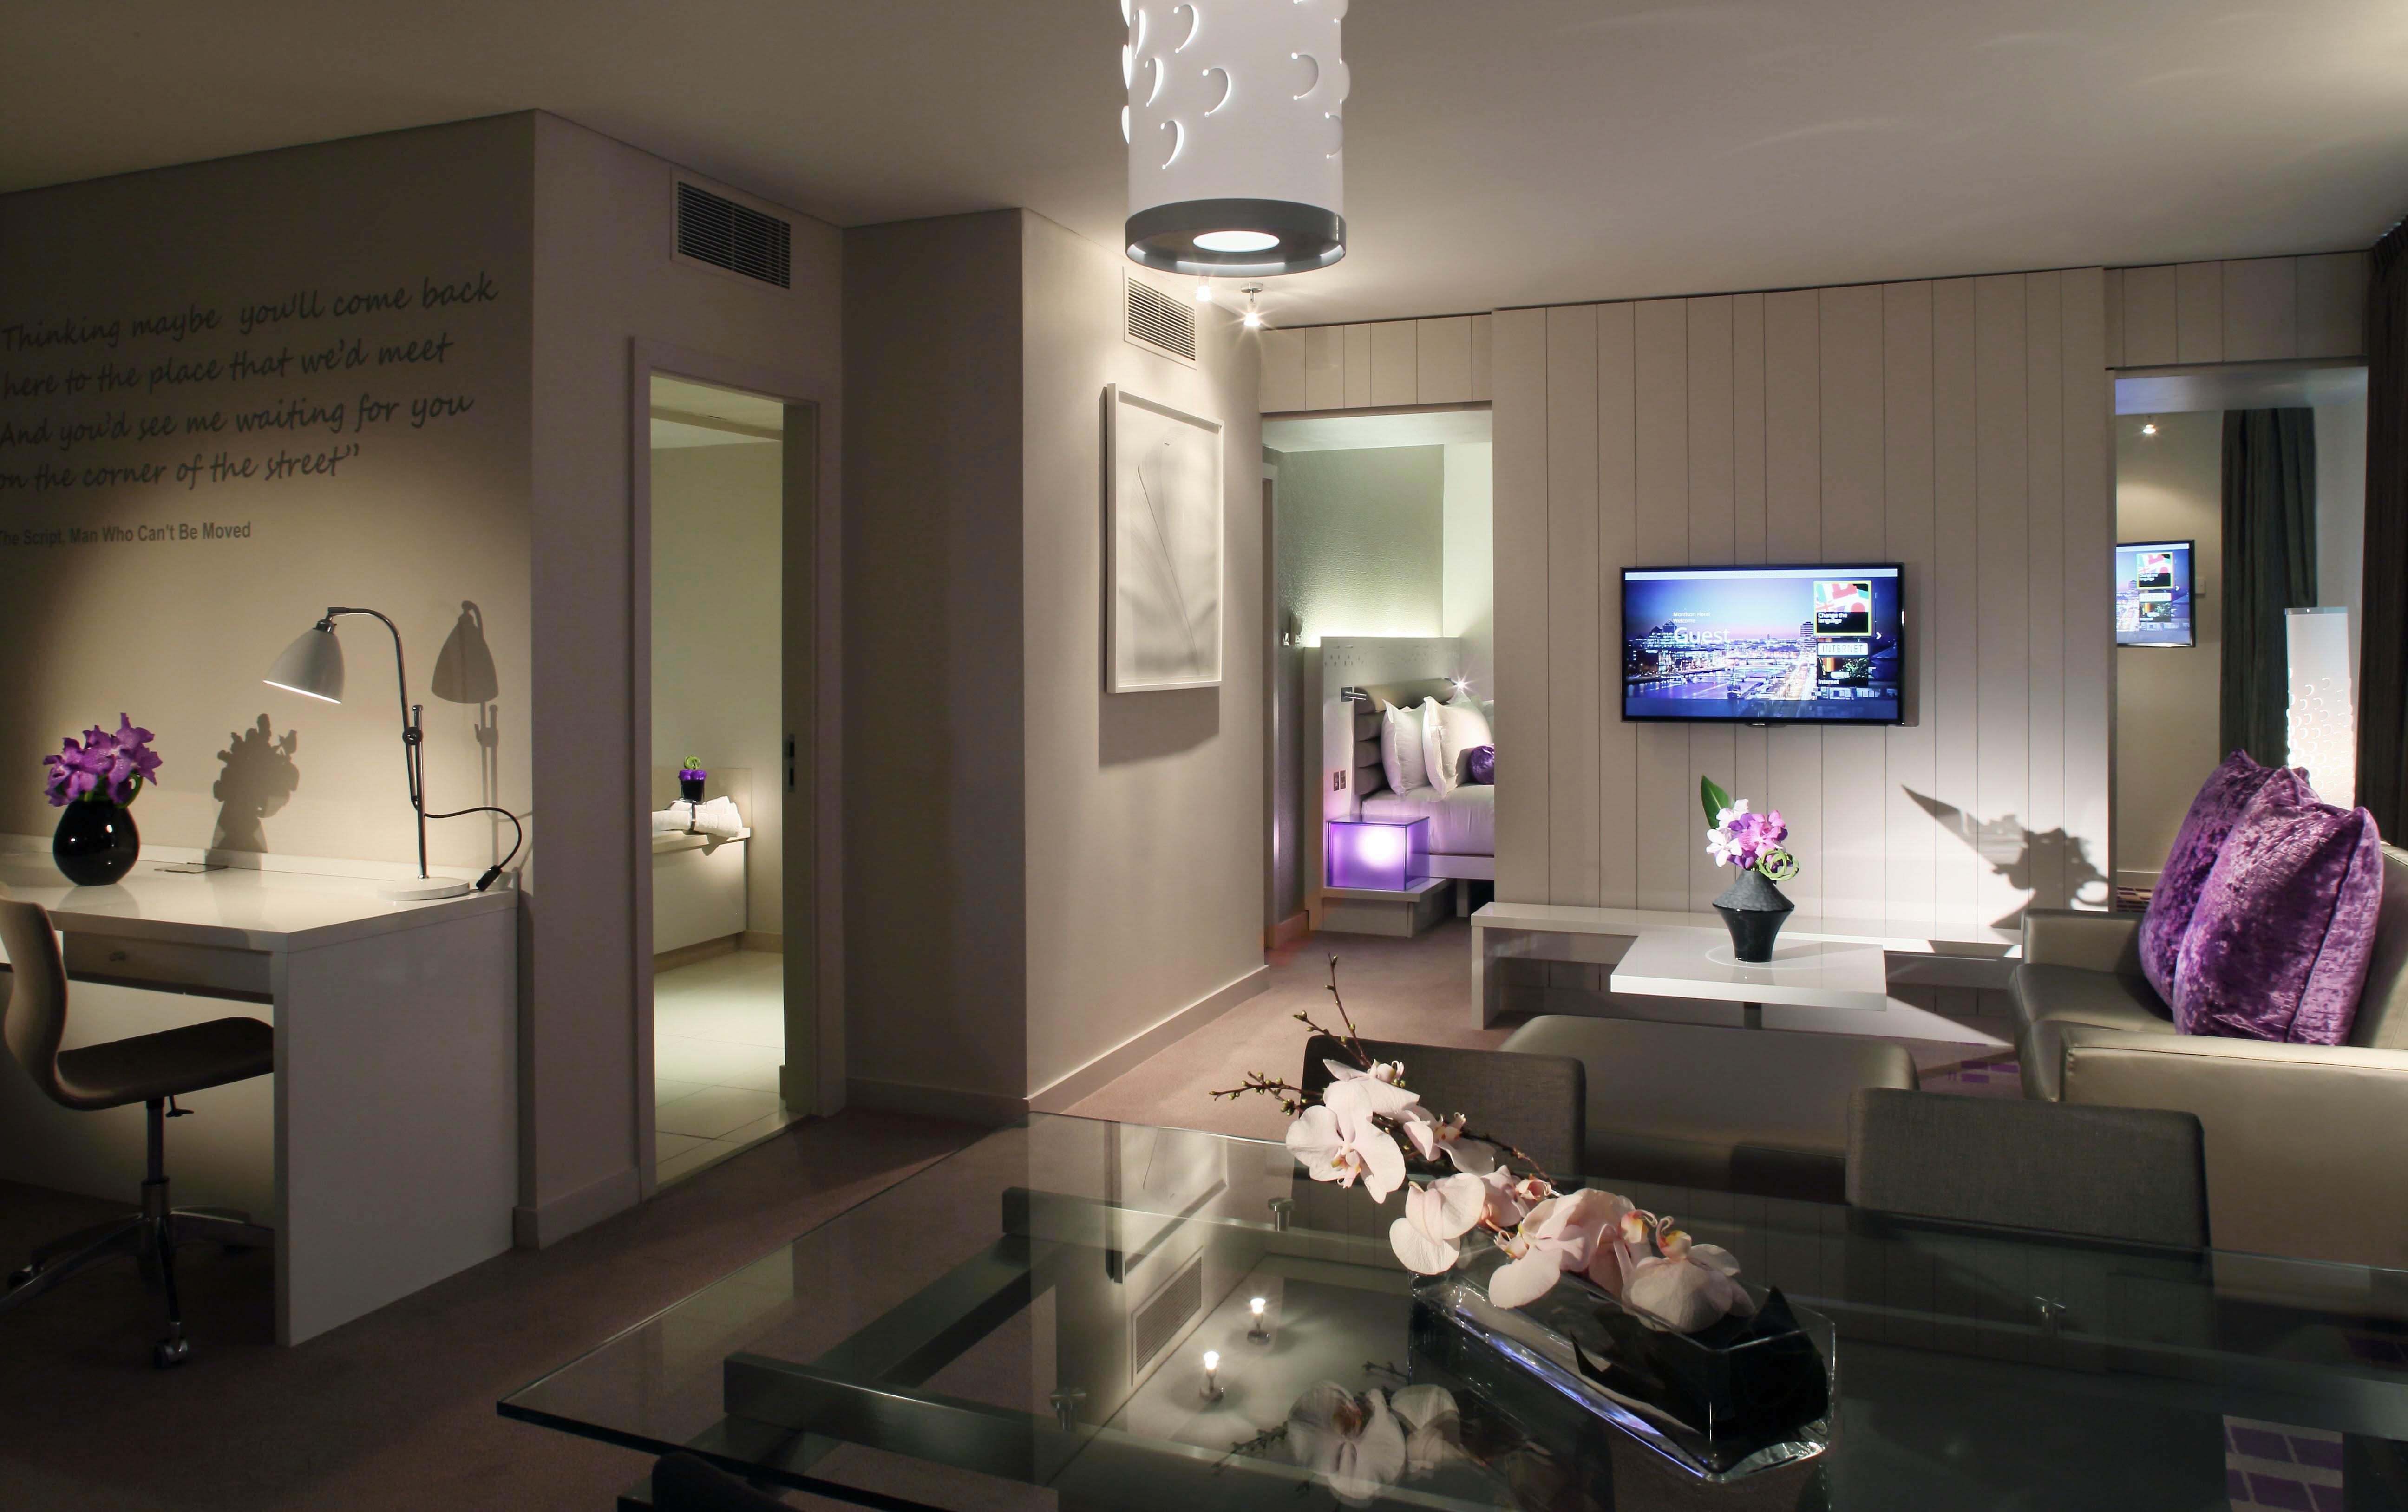 Hotel Fitout-Morrison Hotel-Suite